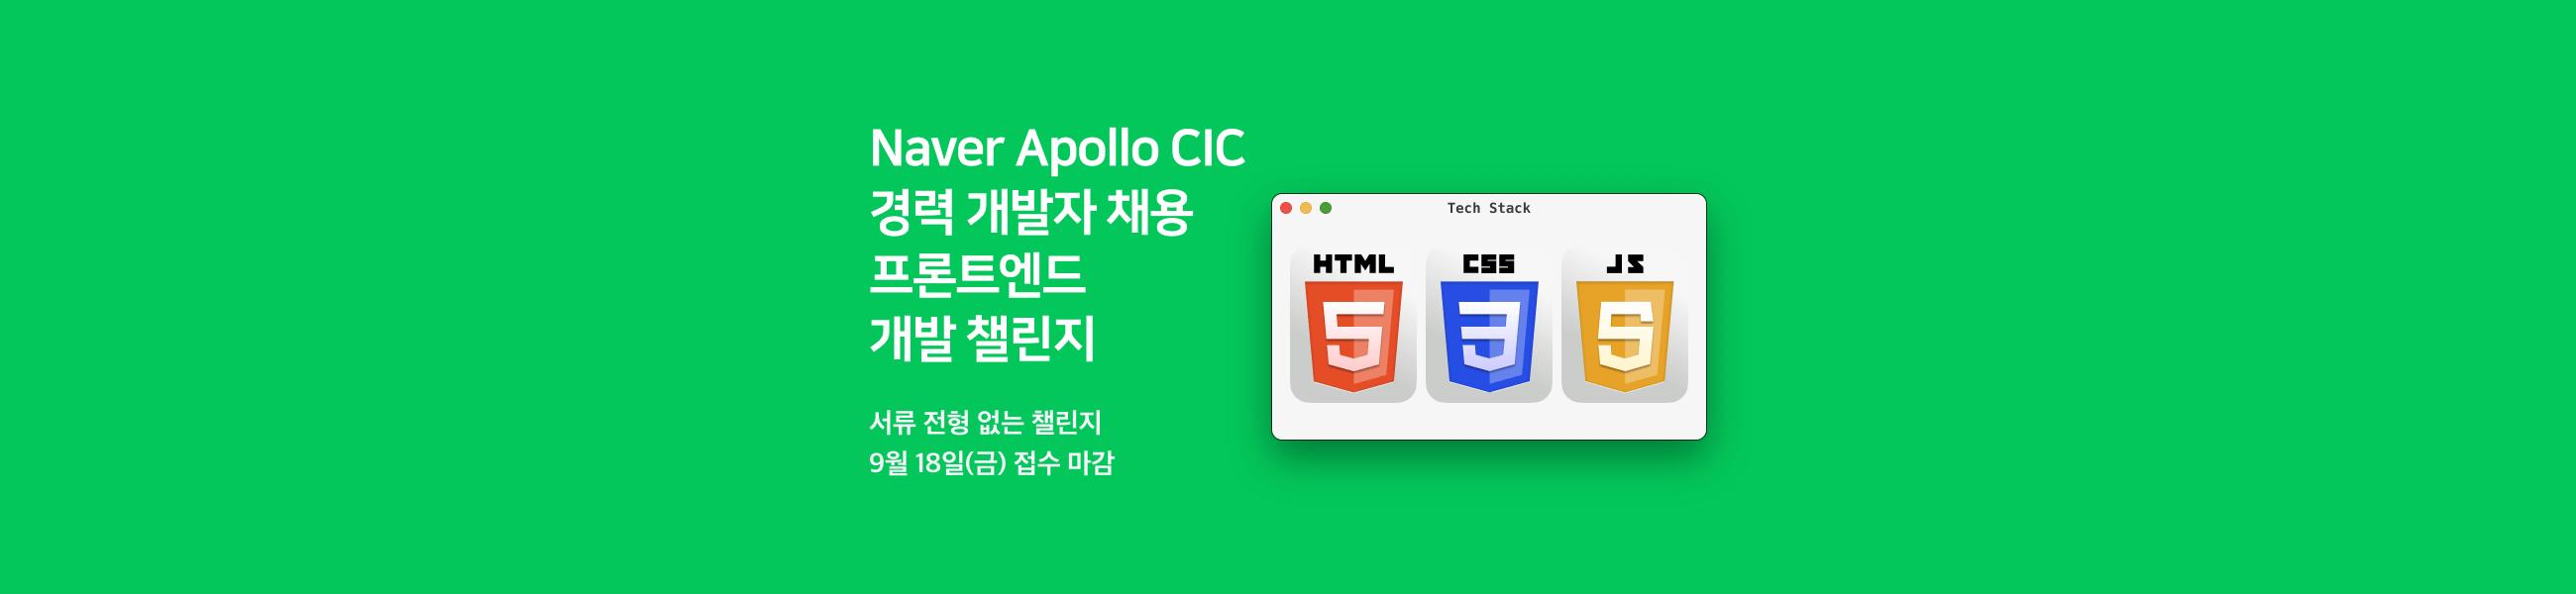 Naver Apollo CIC 경력 개발자 채용 - 프론트엔드 개발 챌린지의 이미지